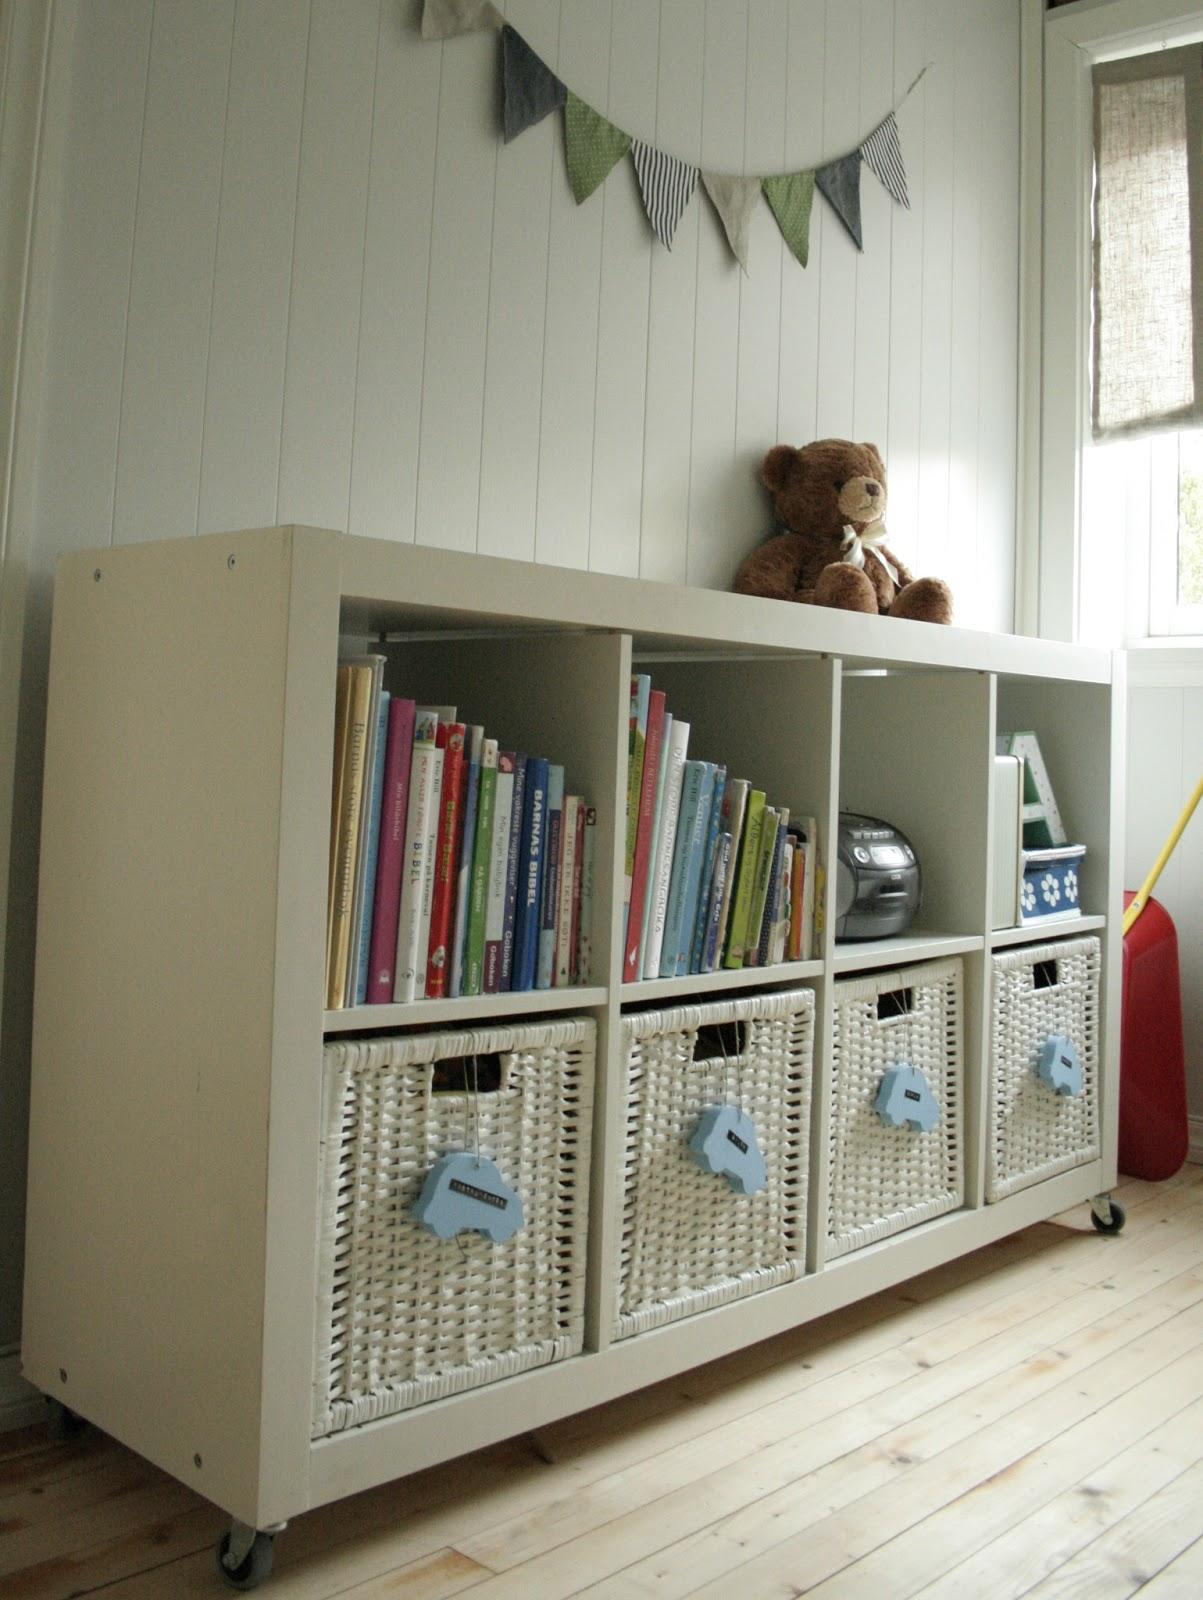 Oppbevaring Barnerom: Oppbevaring archives barn bo inspirasjon til ...